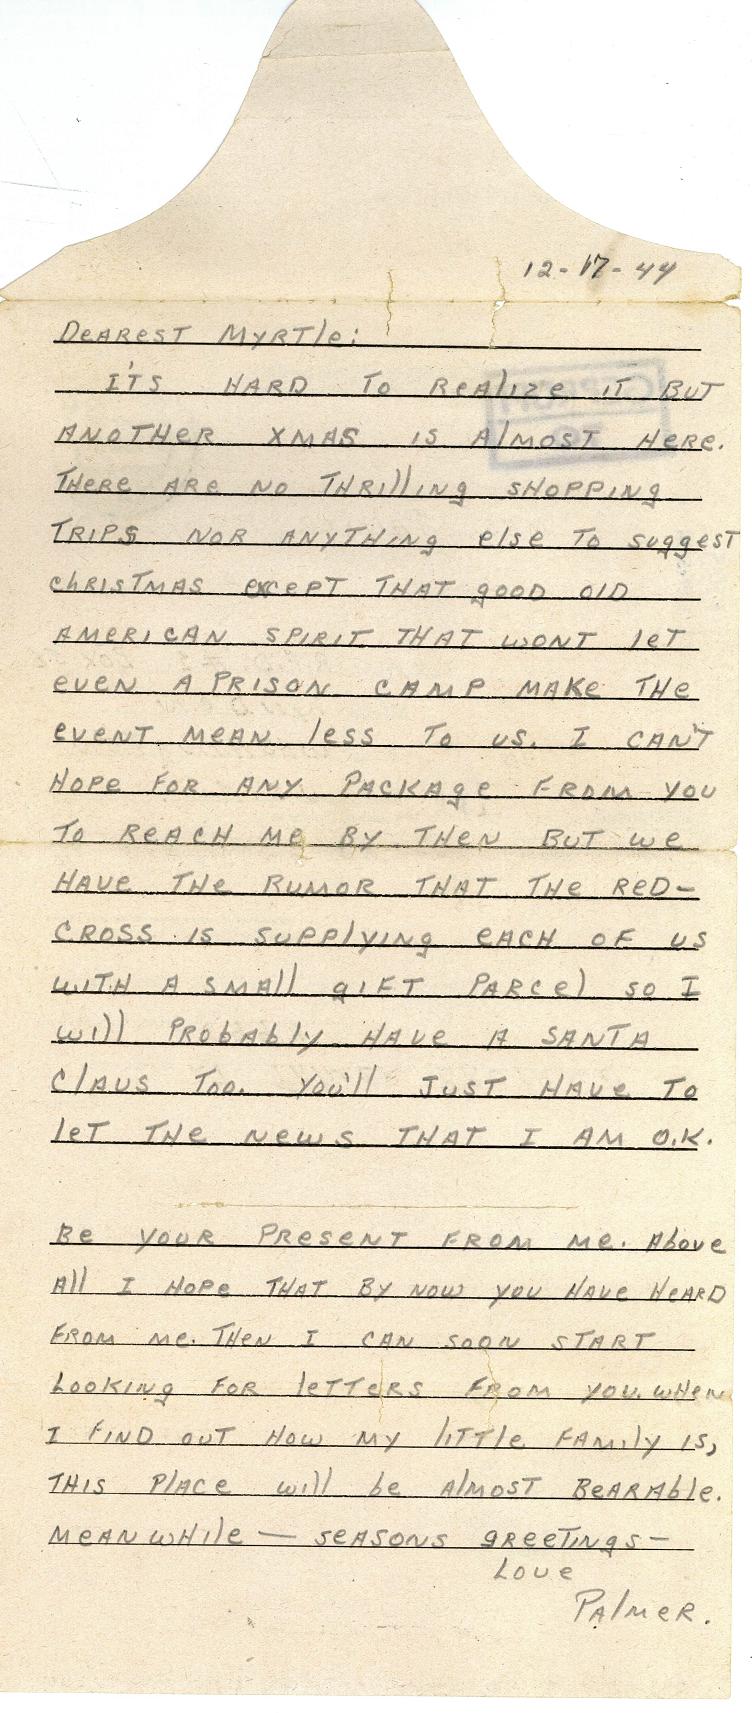 Bruland letter 12-17-44